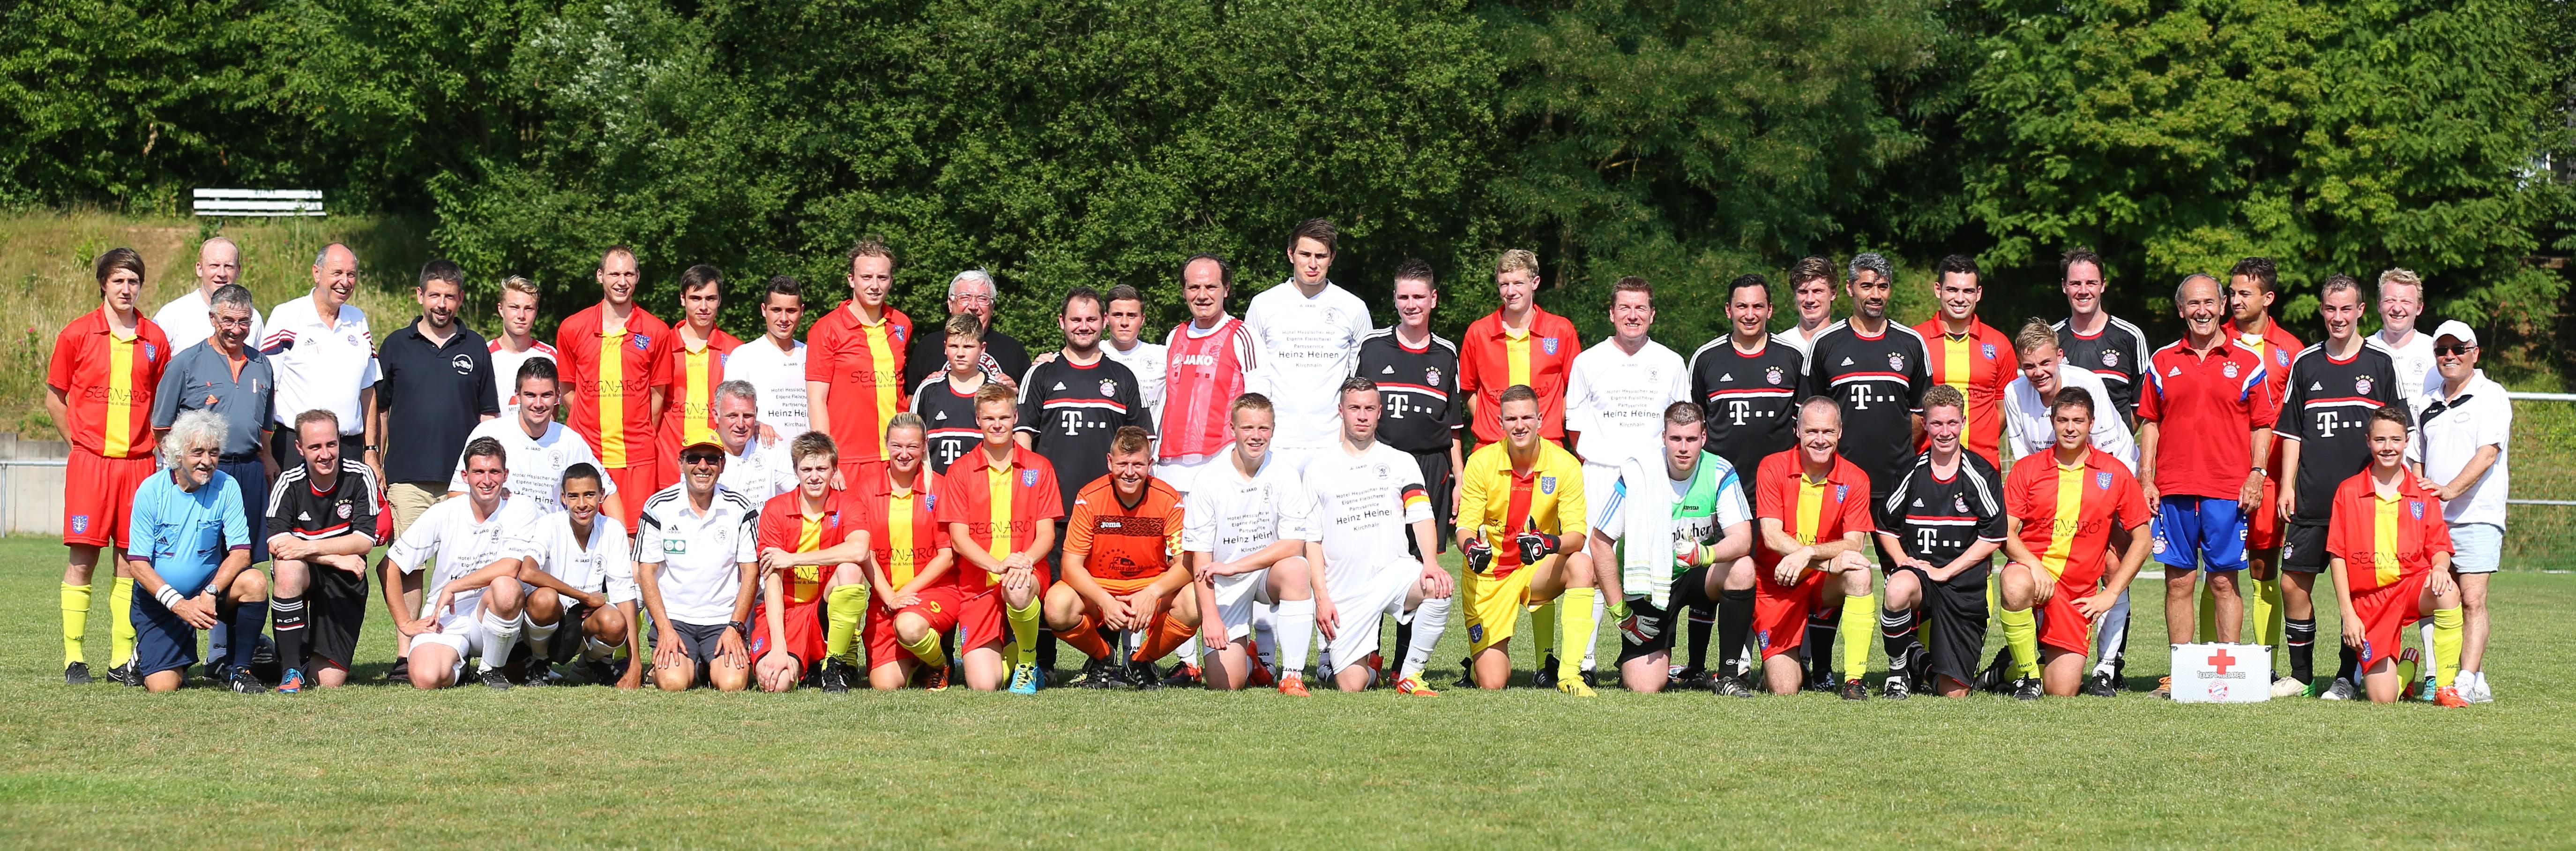 Die Mannschaften der SRVGG Marburg, Offenbach und des FC Bayern München im Juli 2015 in MR-Michelbach